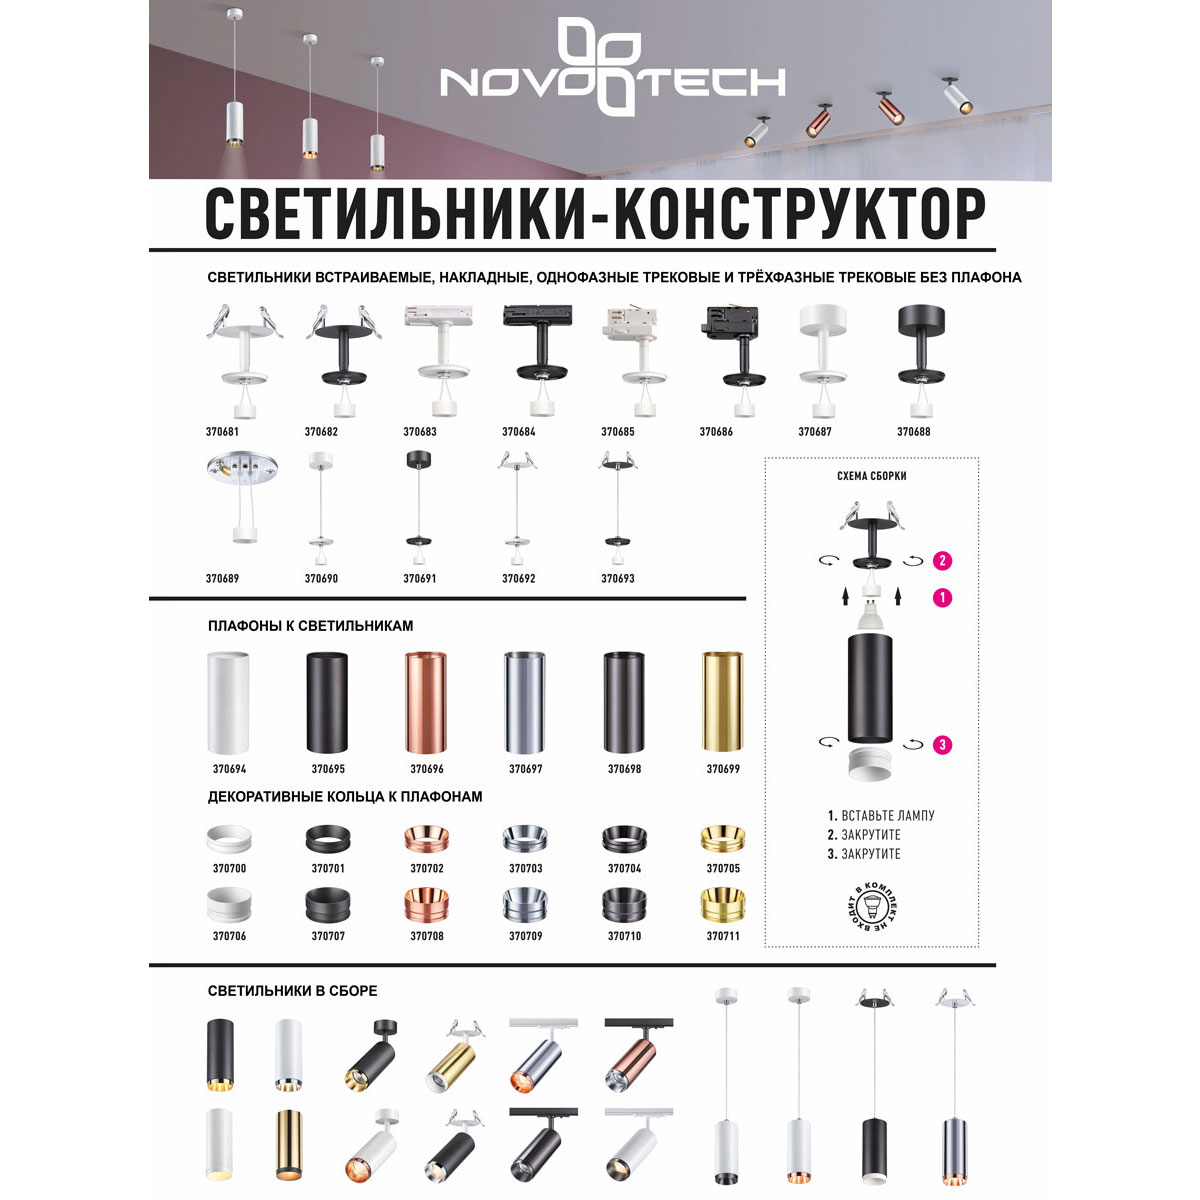 Светильники конструкторы серии Unite Novotech